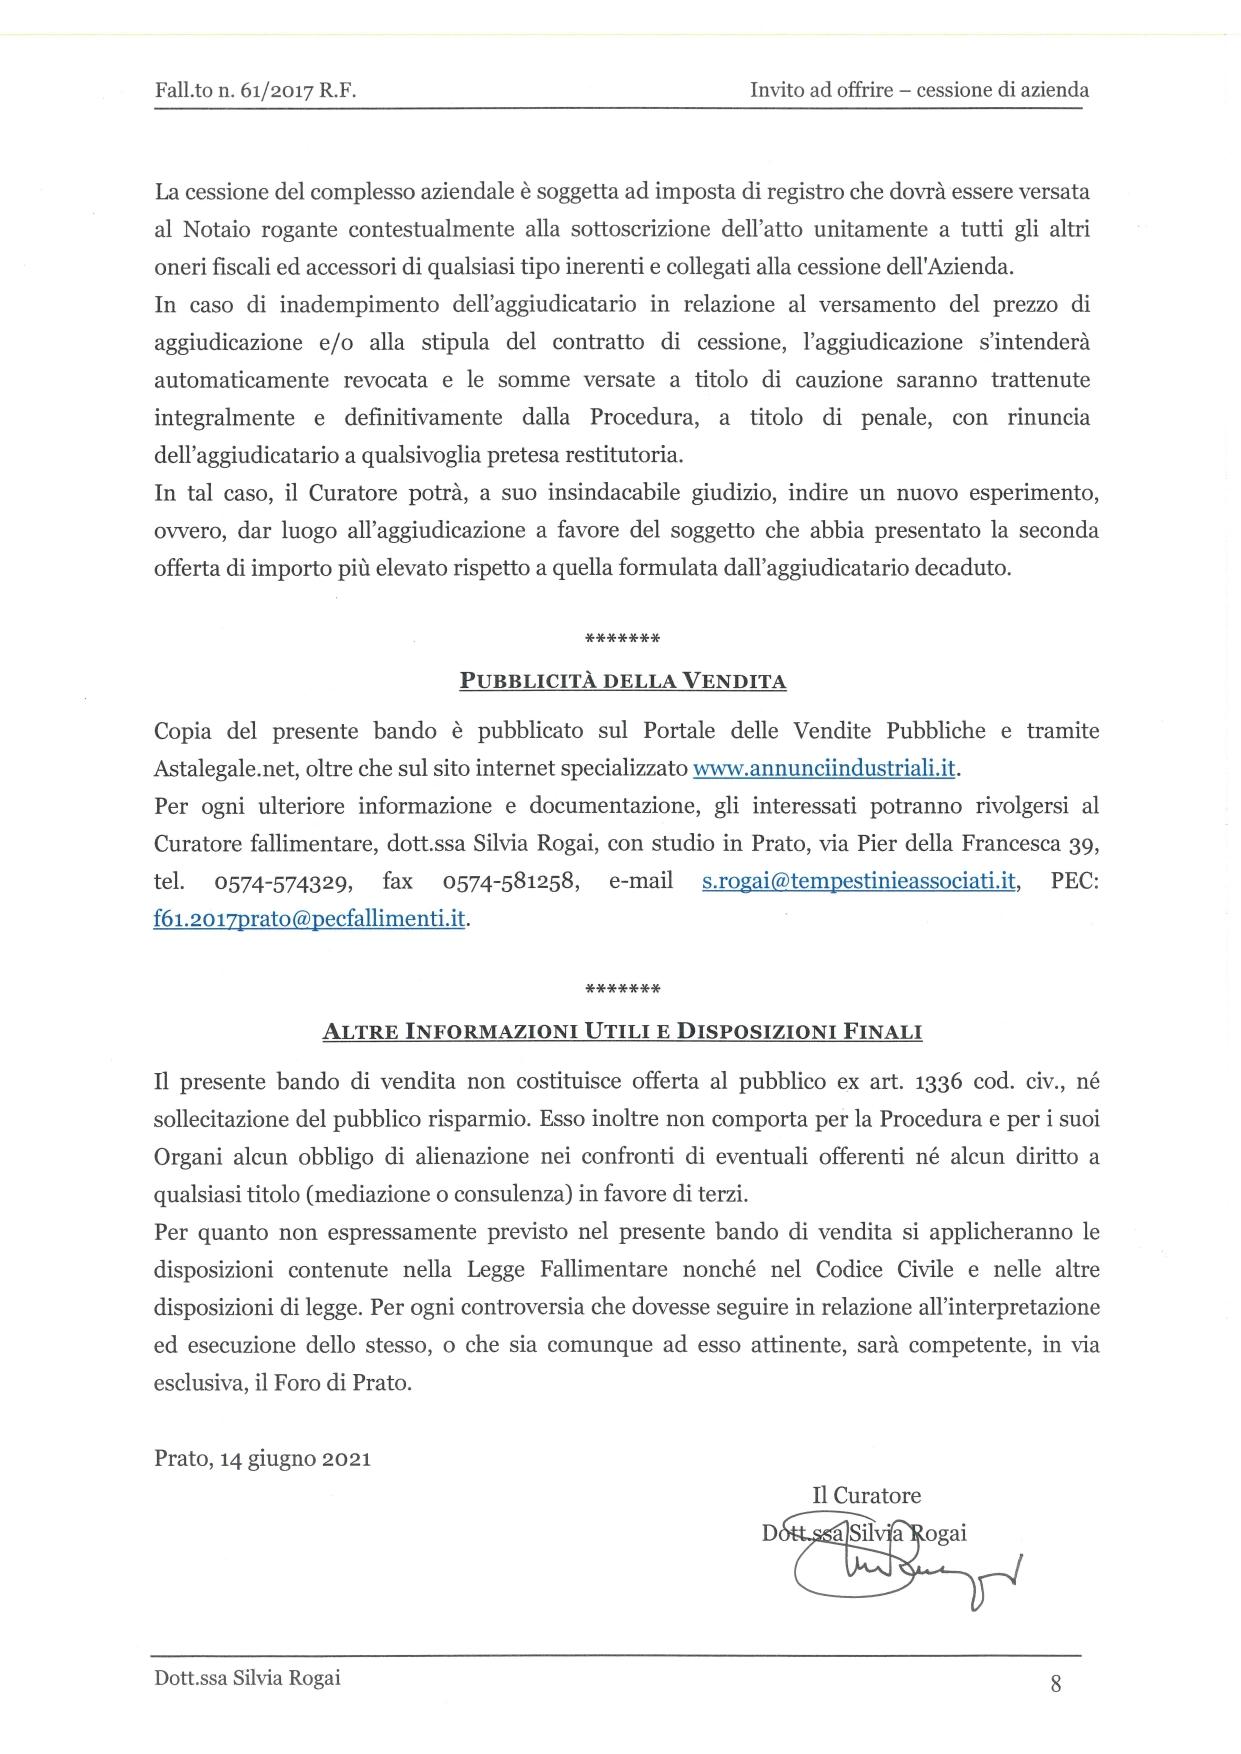 Fall. 61/2017 Trib. di Prato - Cessione azienda operat in vendita - foto 8